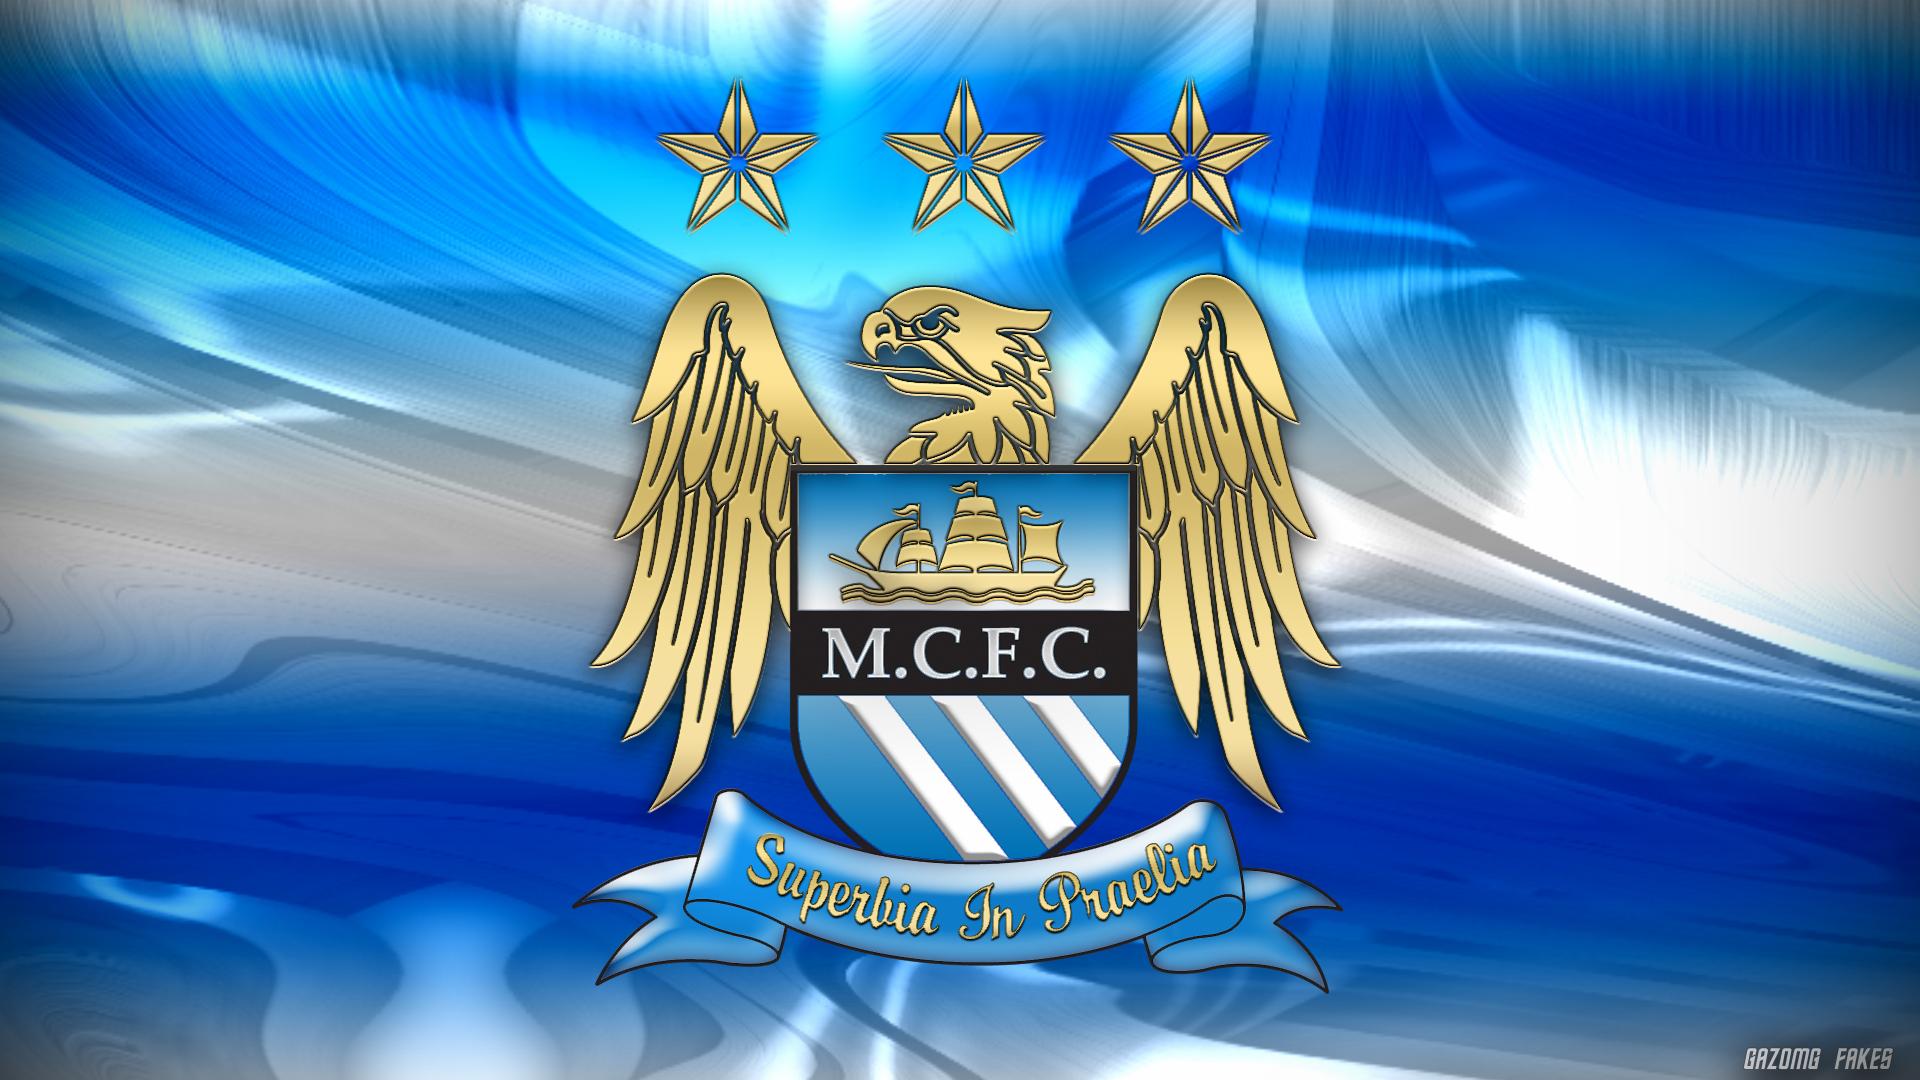 Manchester City wallpaper 1920x1080 57066 1920x1080